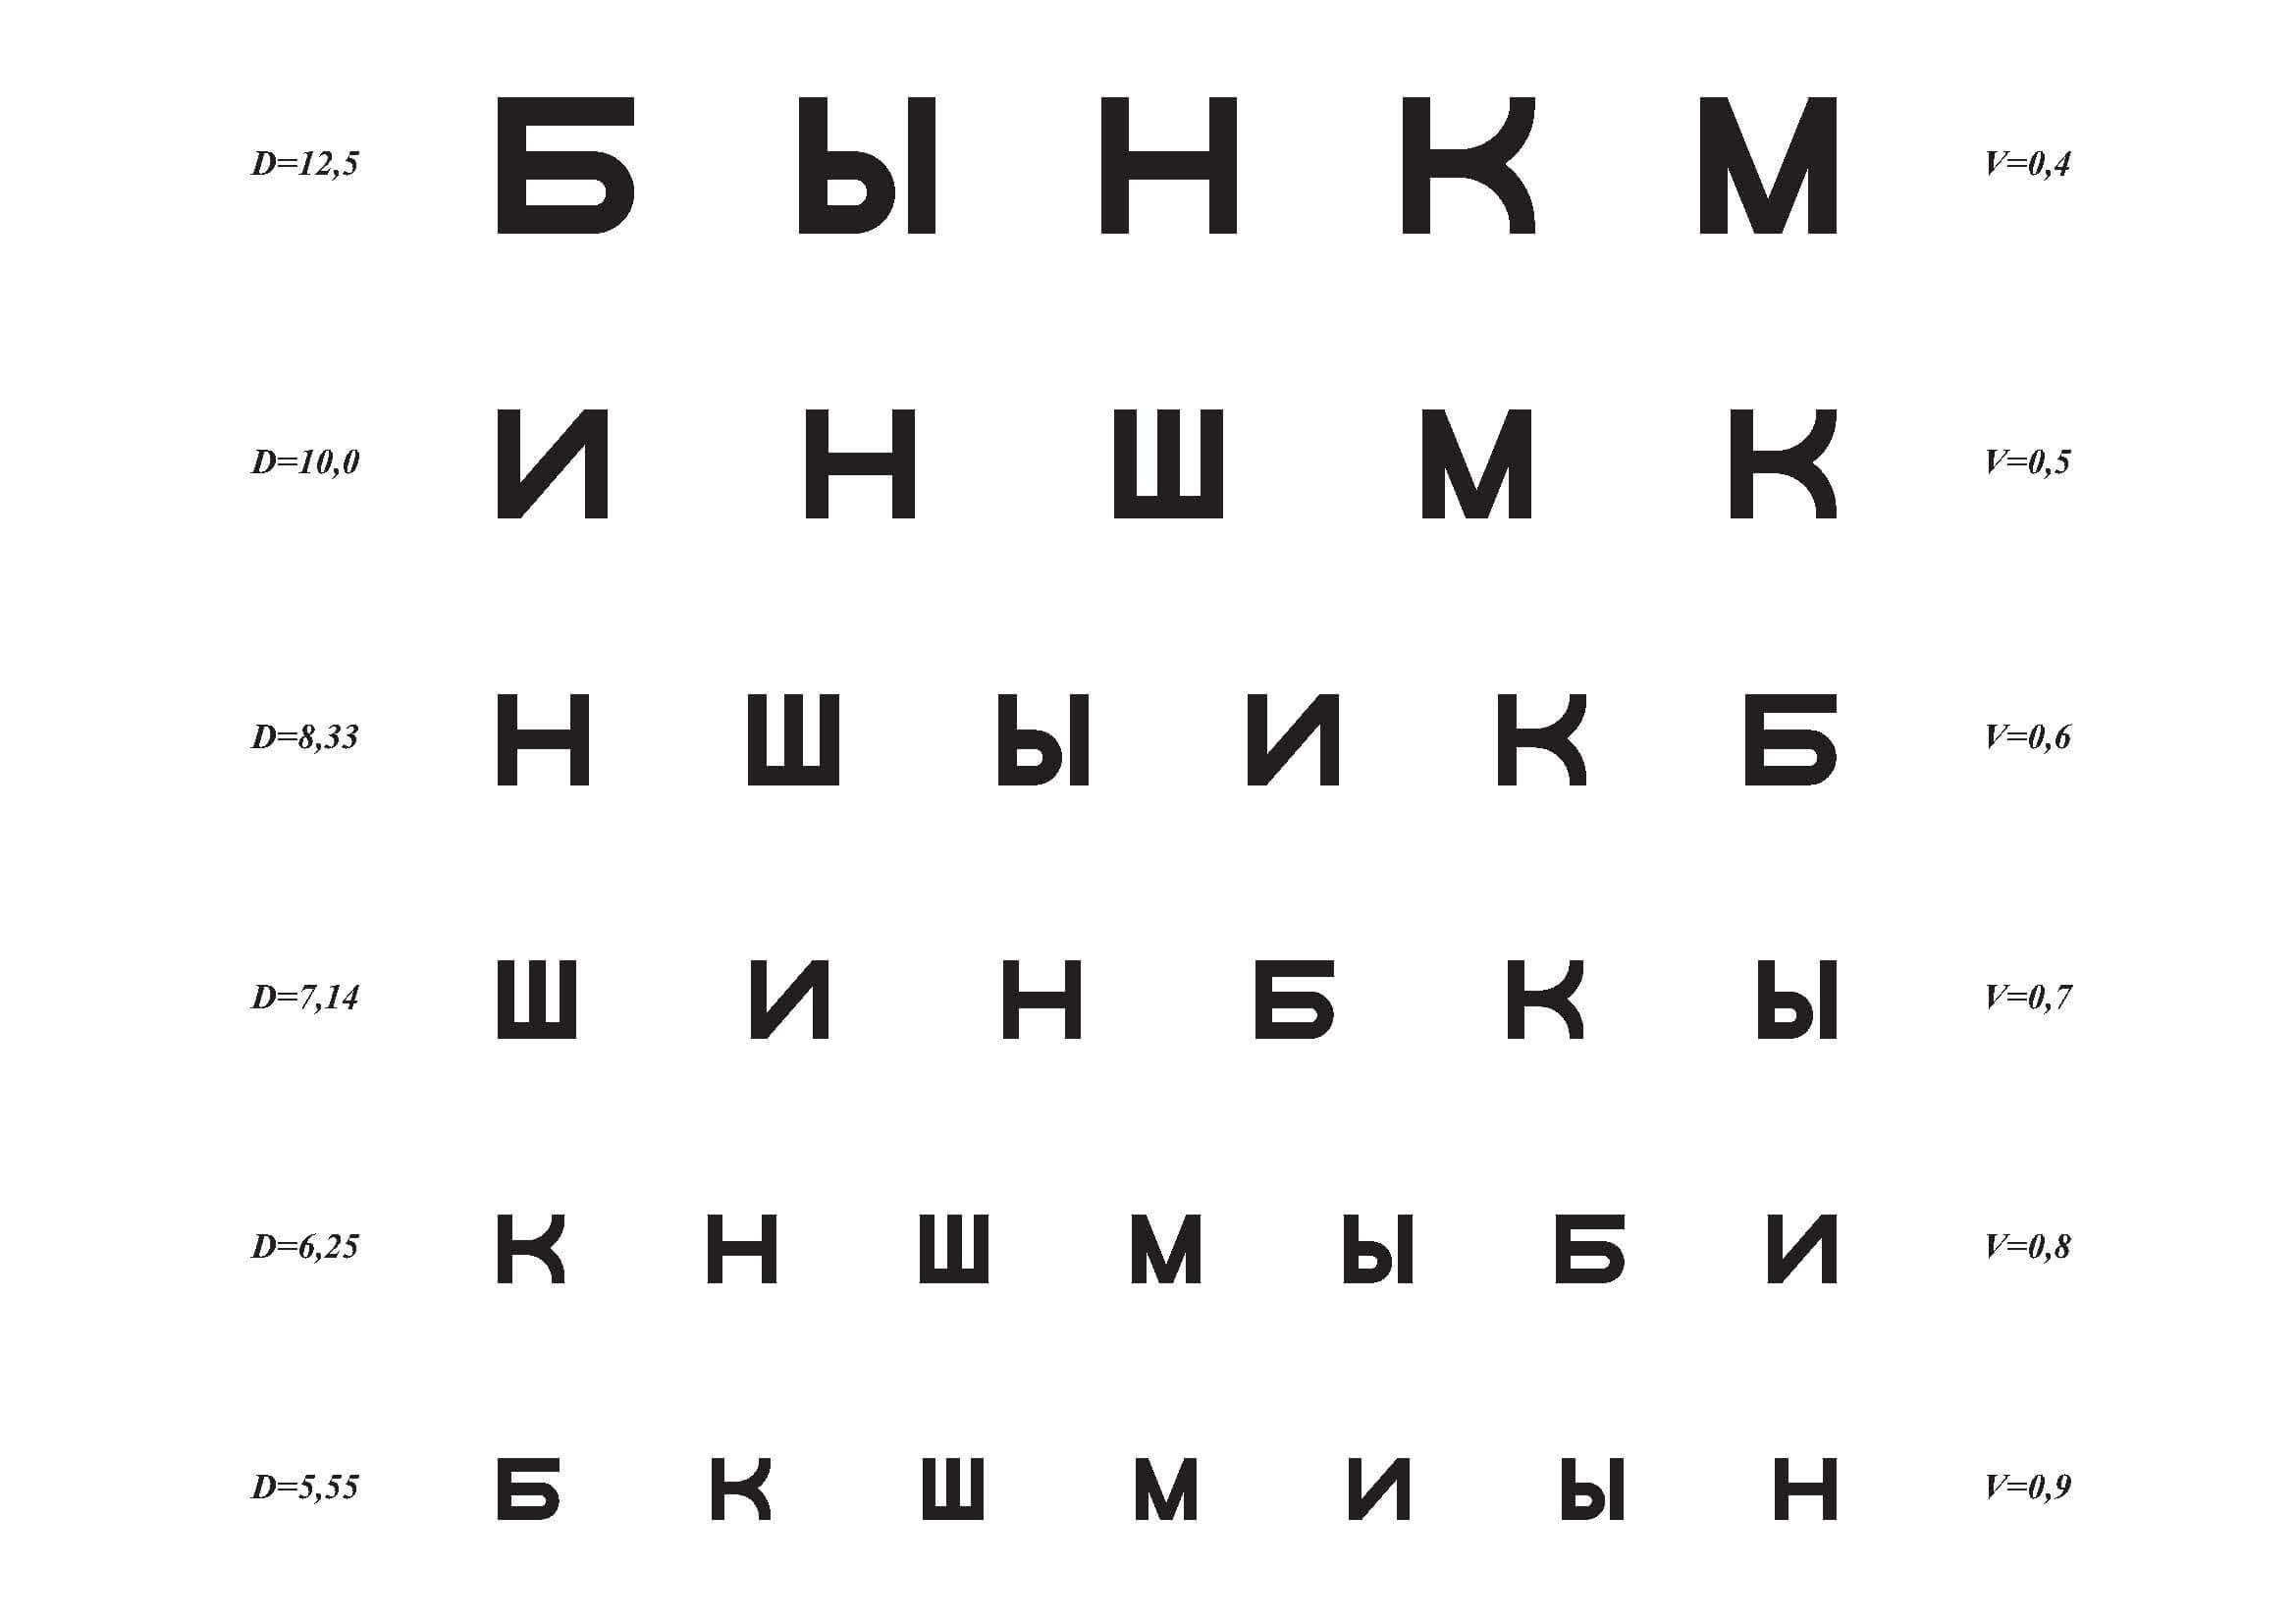 szemvizsgálati táblázat milyen formátumban)